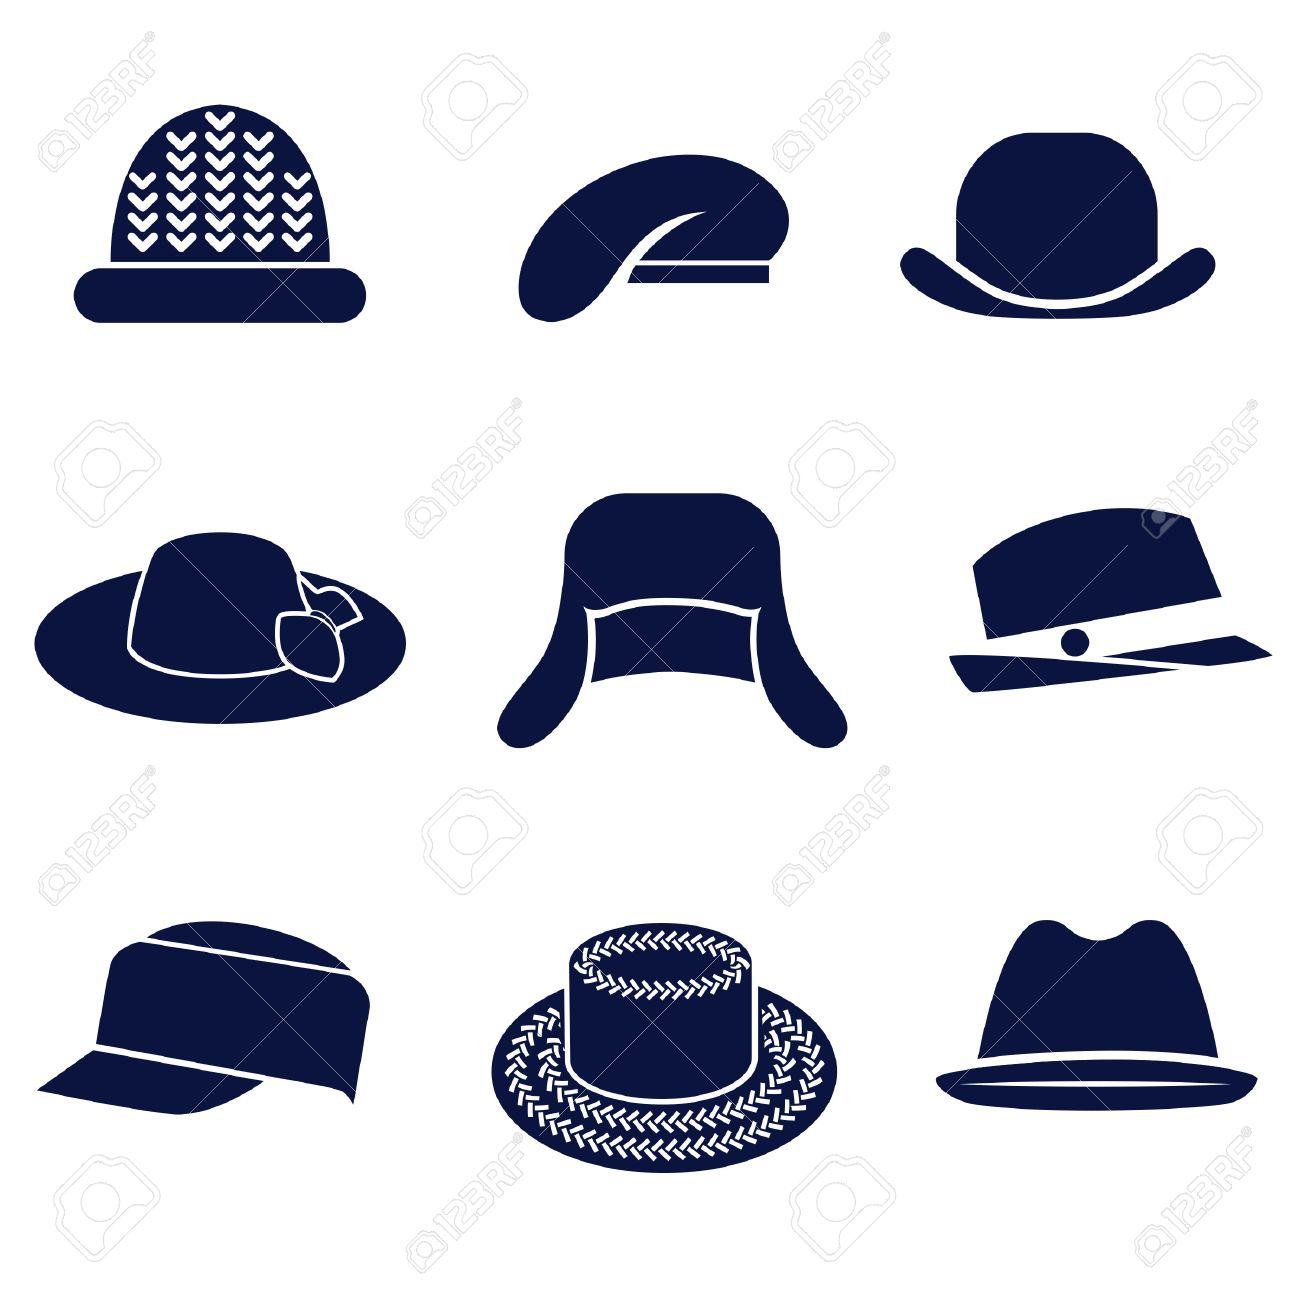 Different types of women s hats Stock Vector - 64429949 55821ec2793